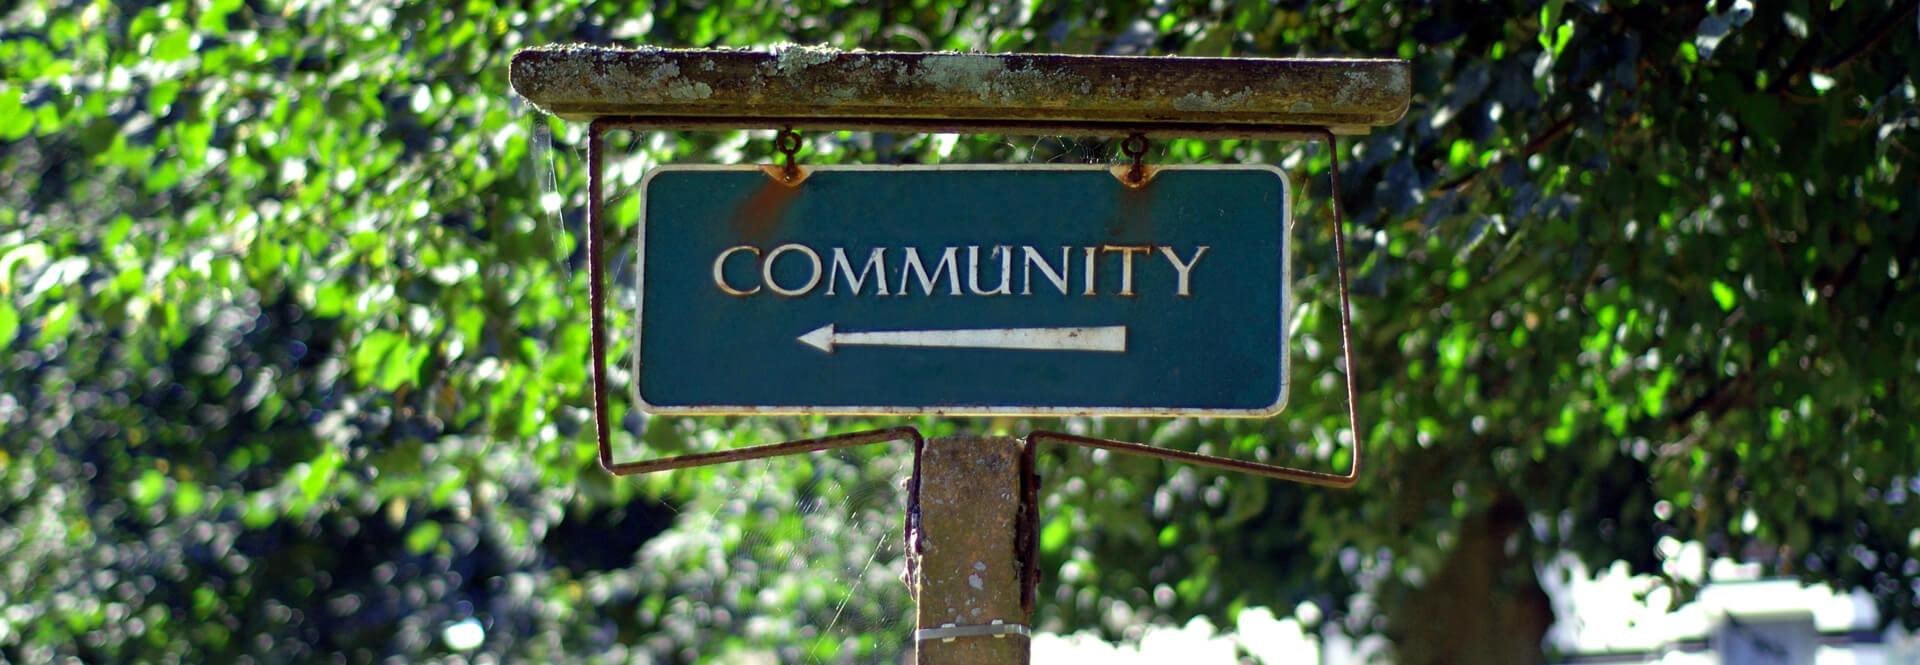 Kalkaska Community All Seasons Hotel And Resort